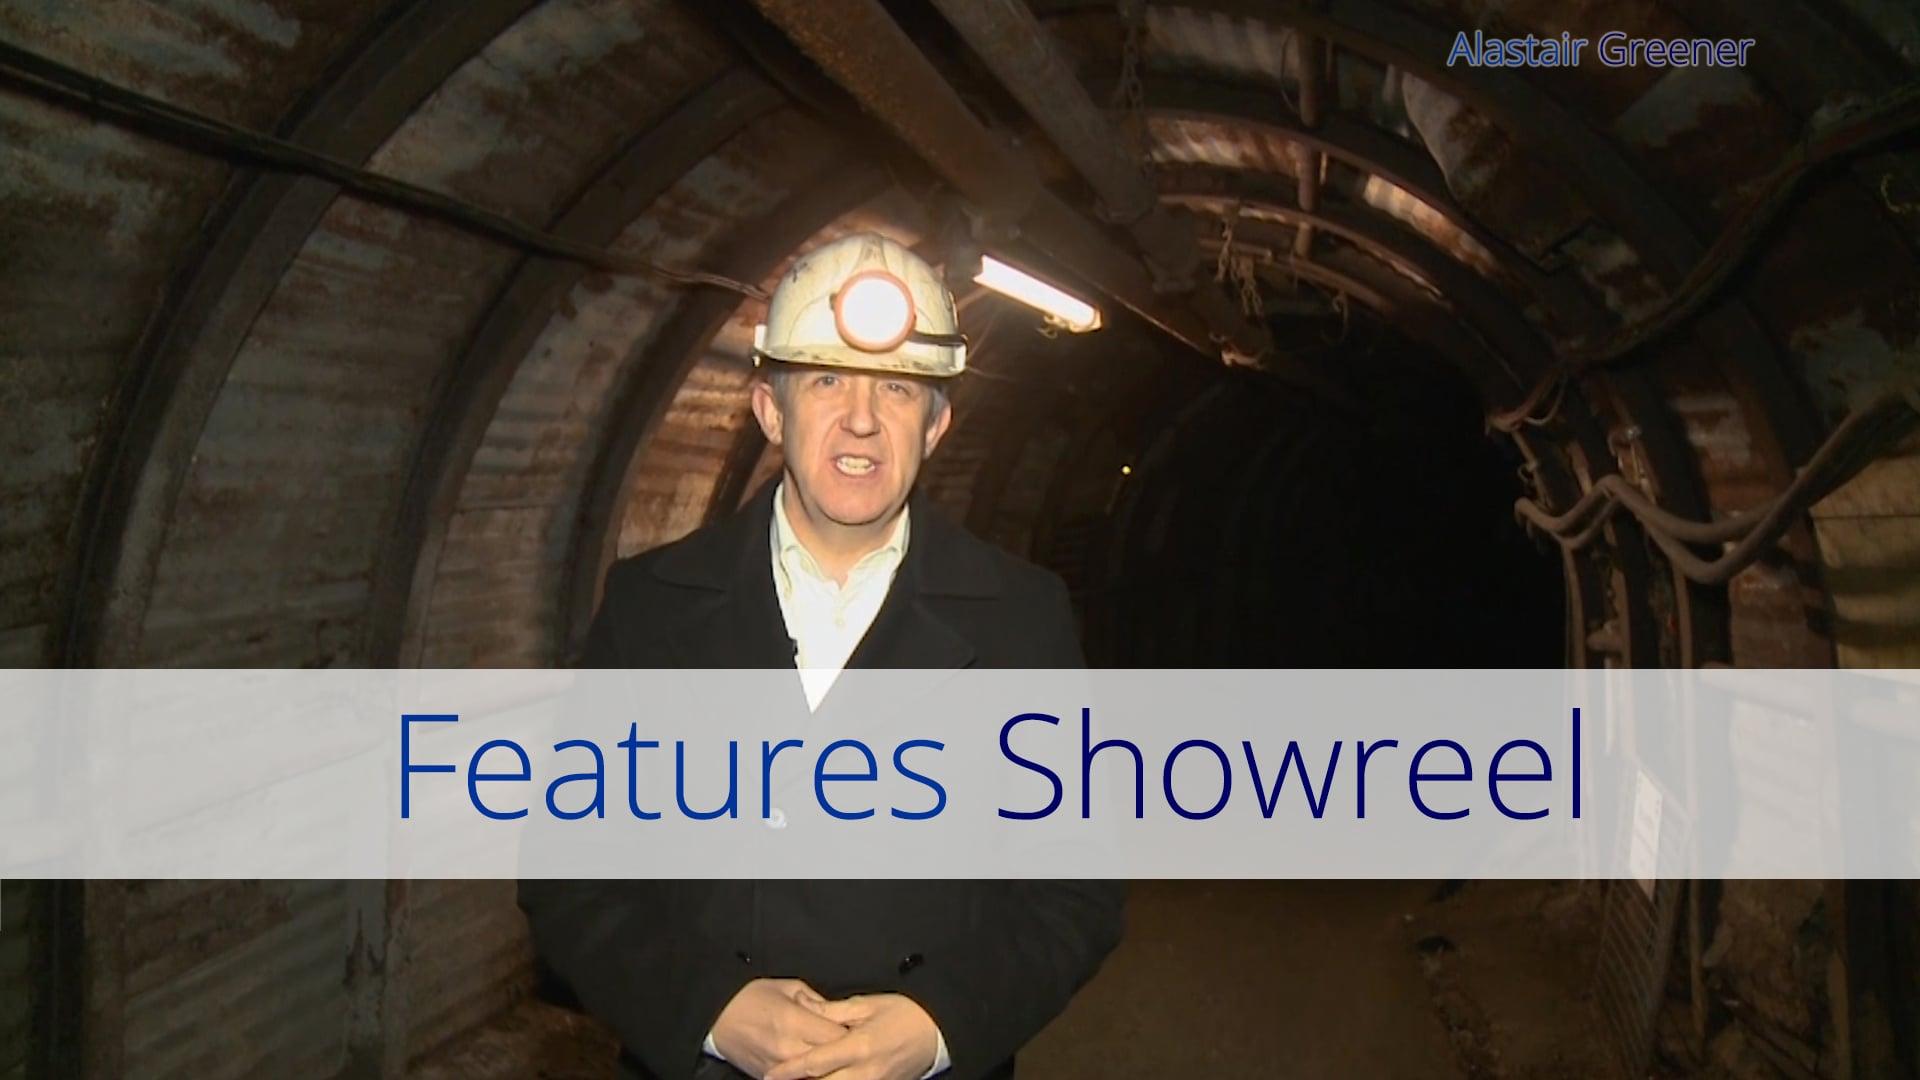 Alastair Greener - Features Showreel